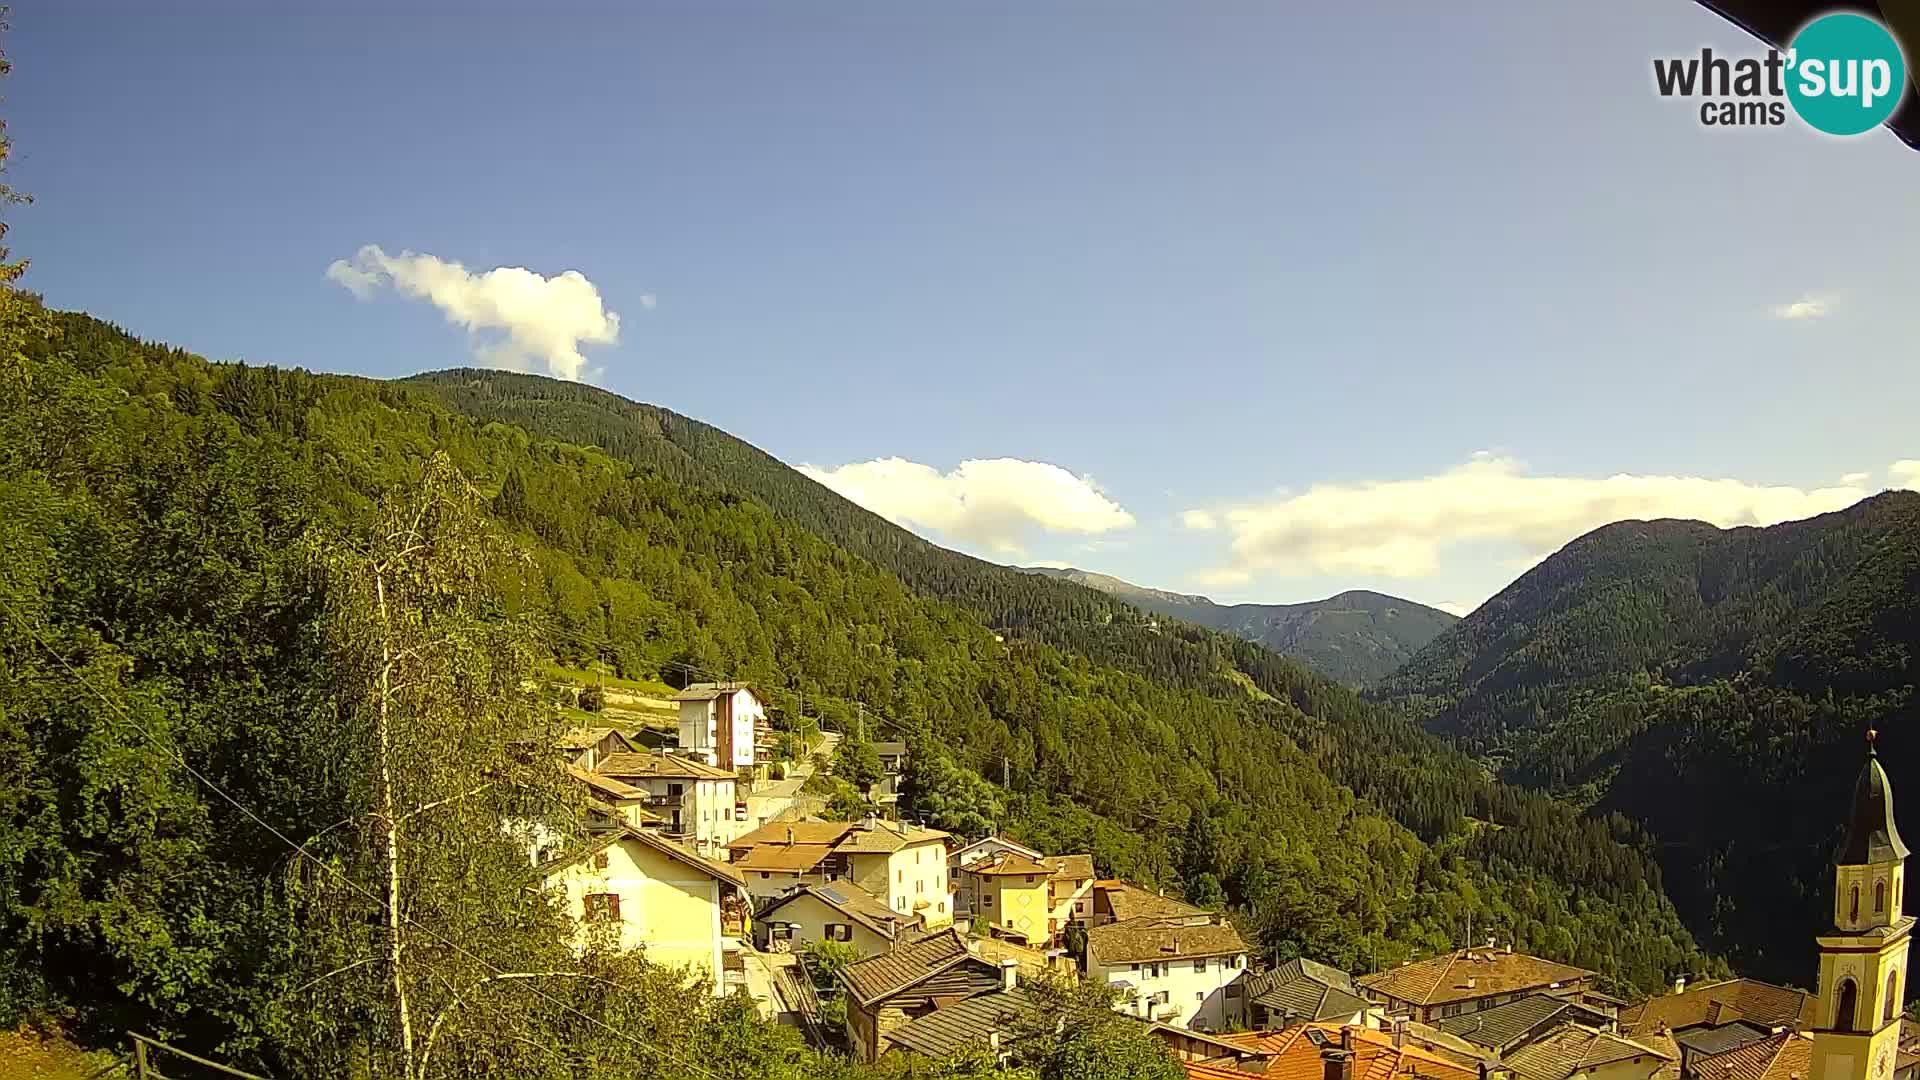 Live cam Sover – Trentino Alto Adige webcam Lagorai